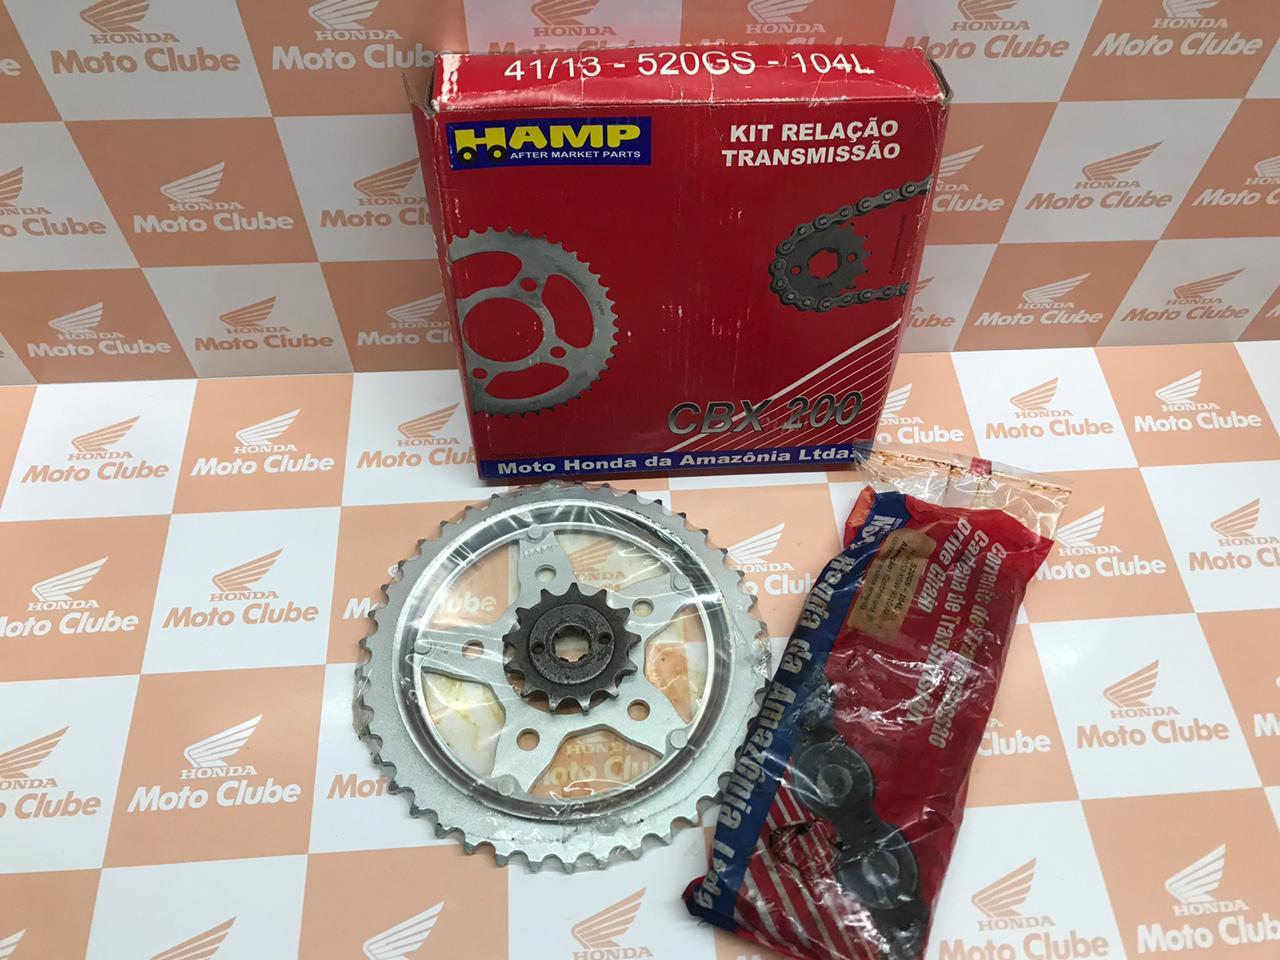 Kit Relação Transmissão CBX 200 Strada Original Honda H0640KBW900